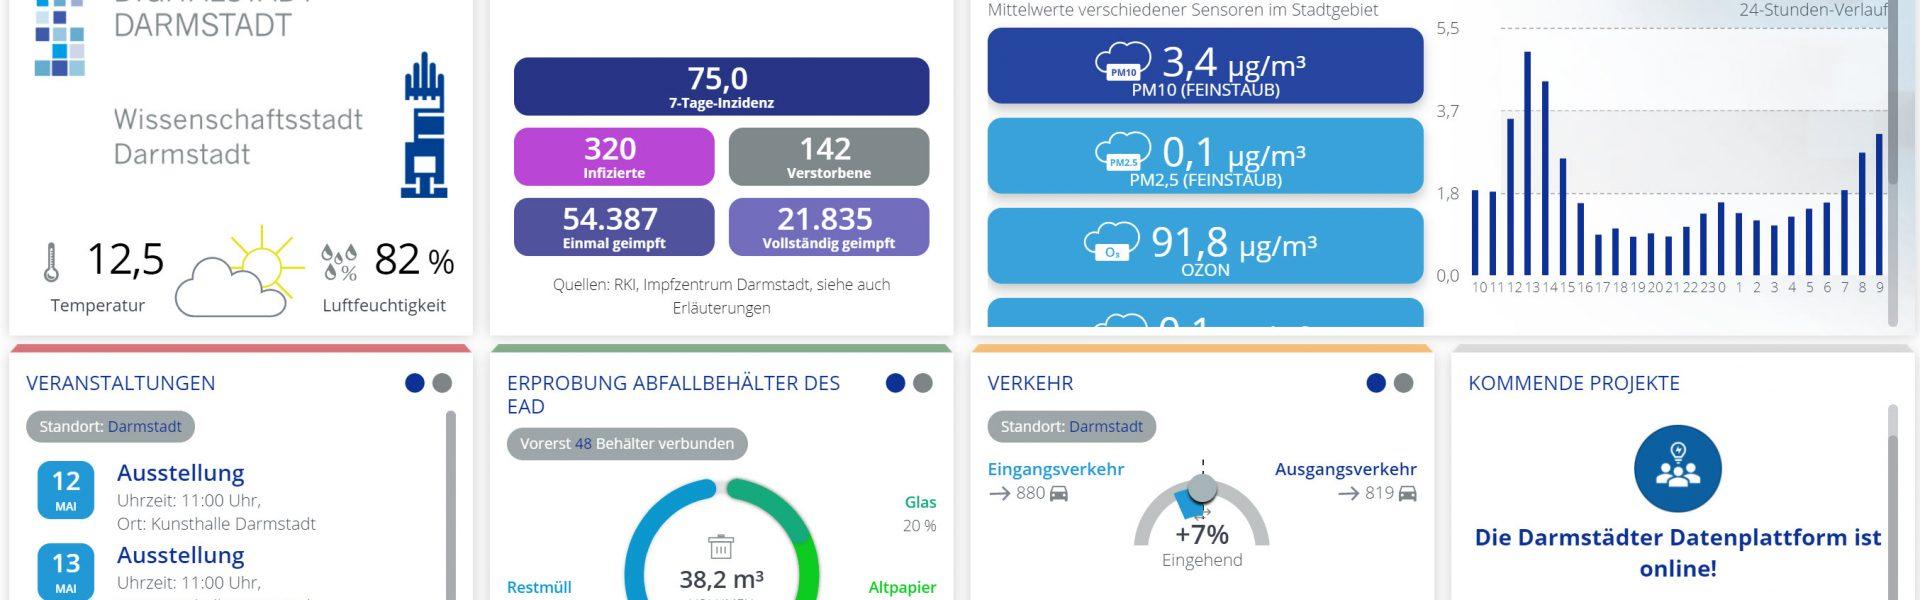 Header Bild Datenplattform Darmstadt – Täglich aktuelle Informationen zum Corona Infektionsgeschehen in der Wissenschaftsstadt